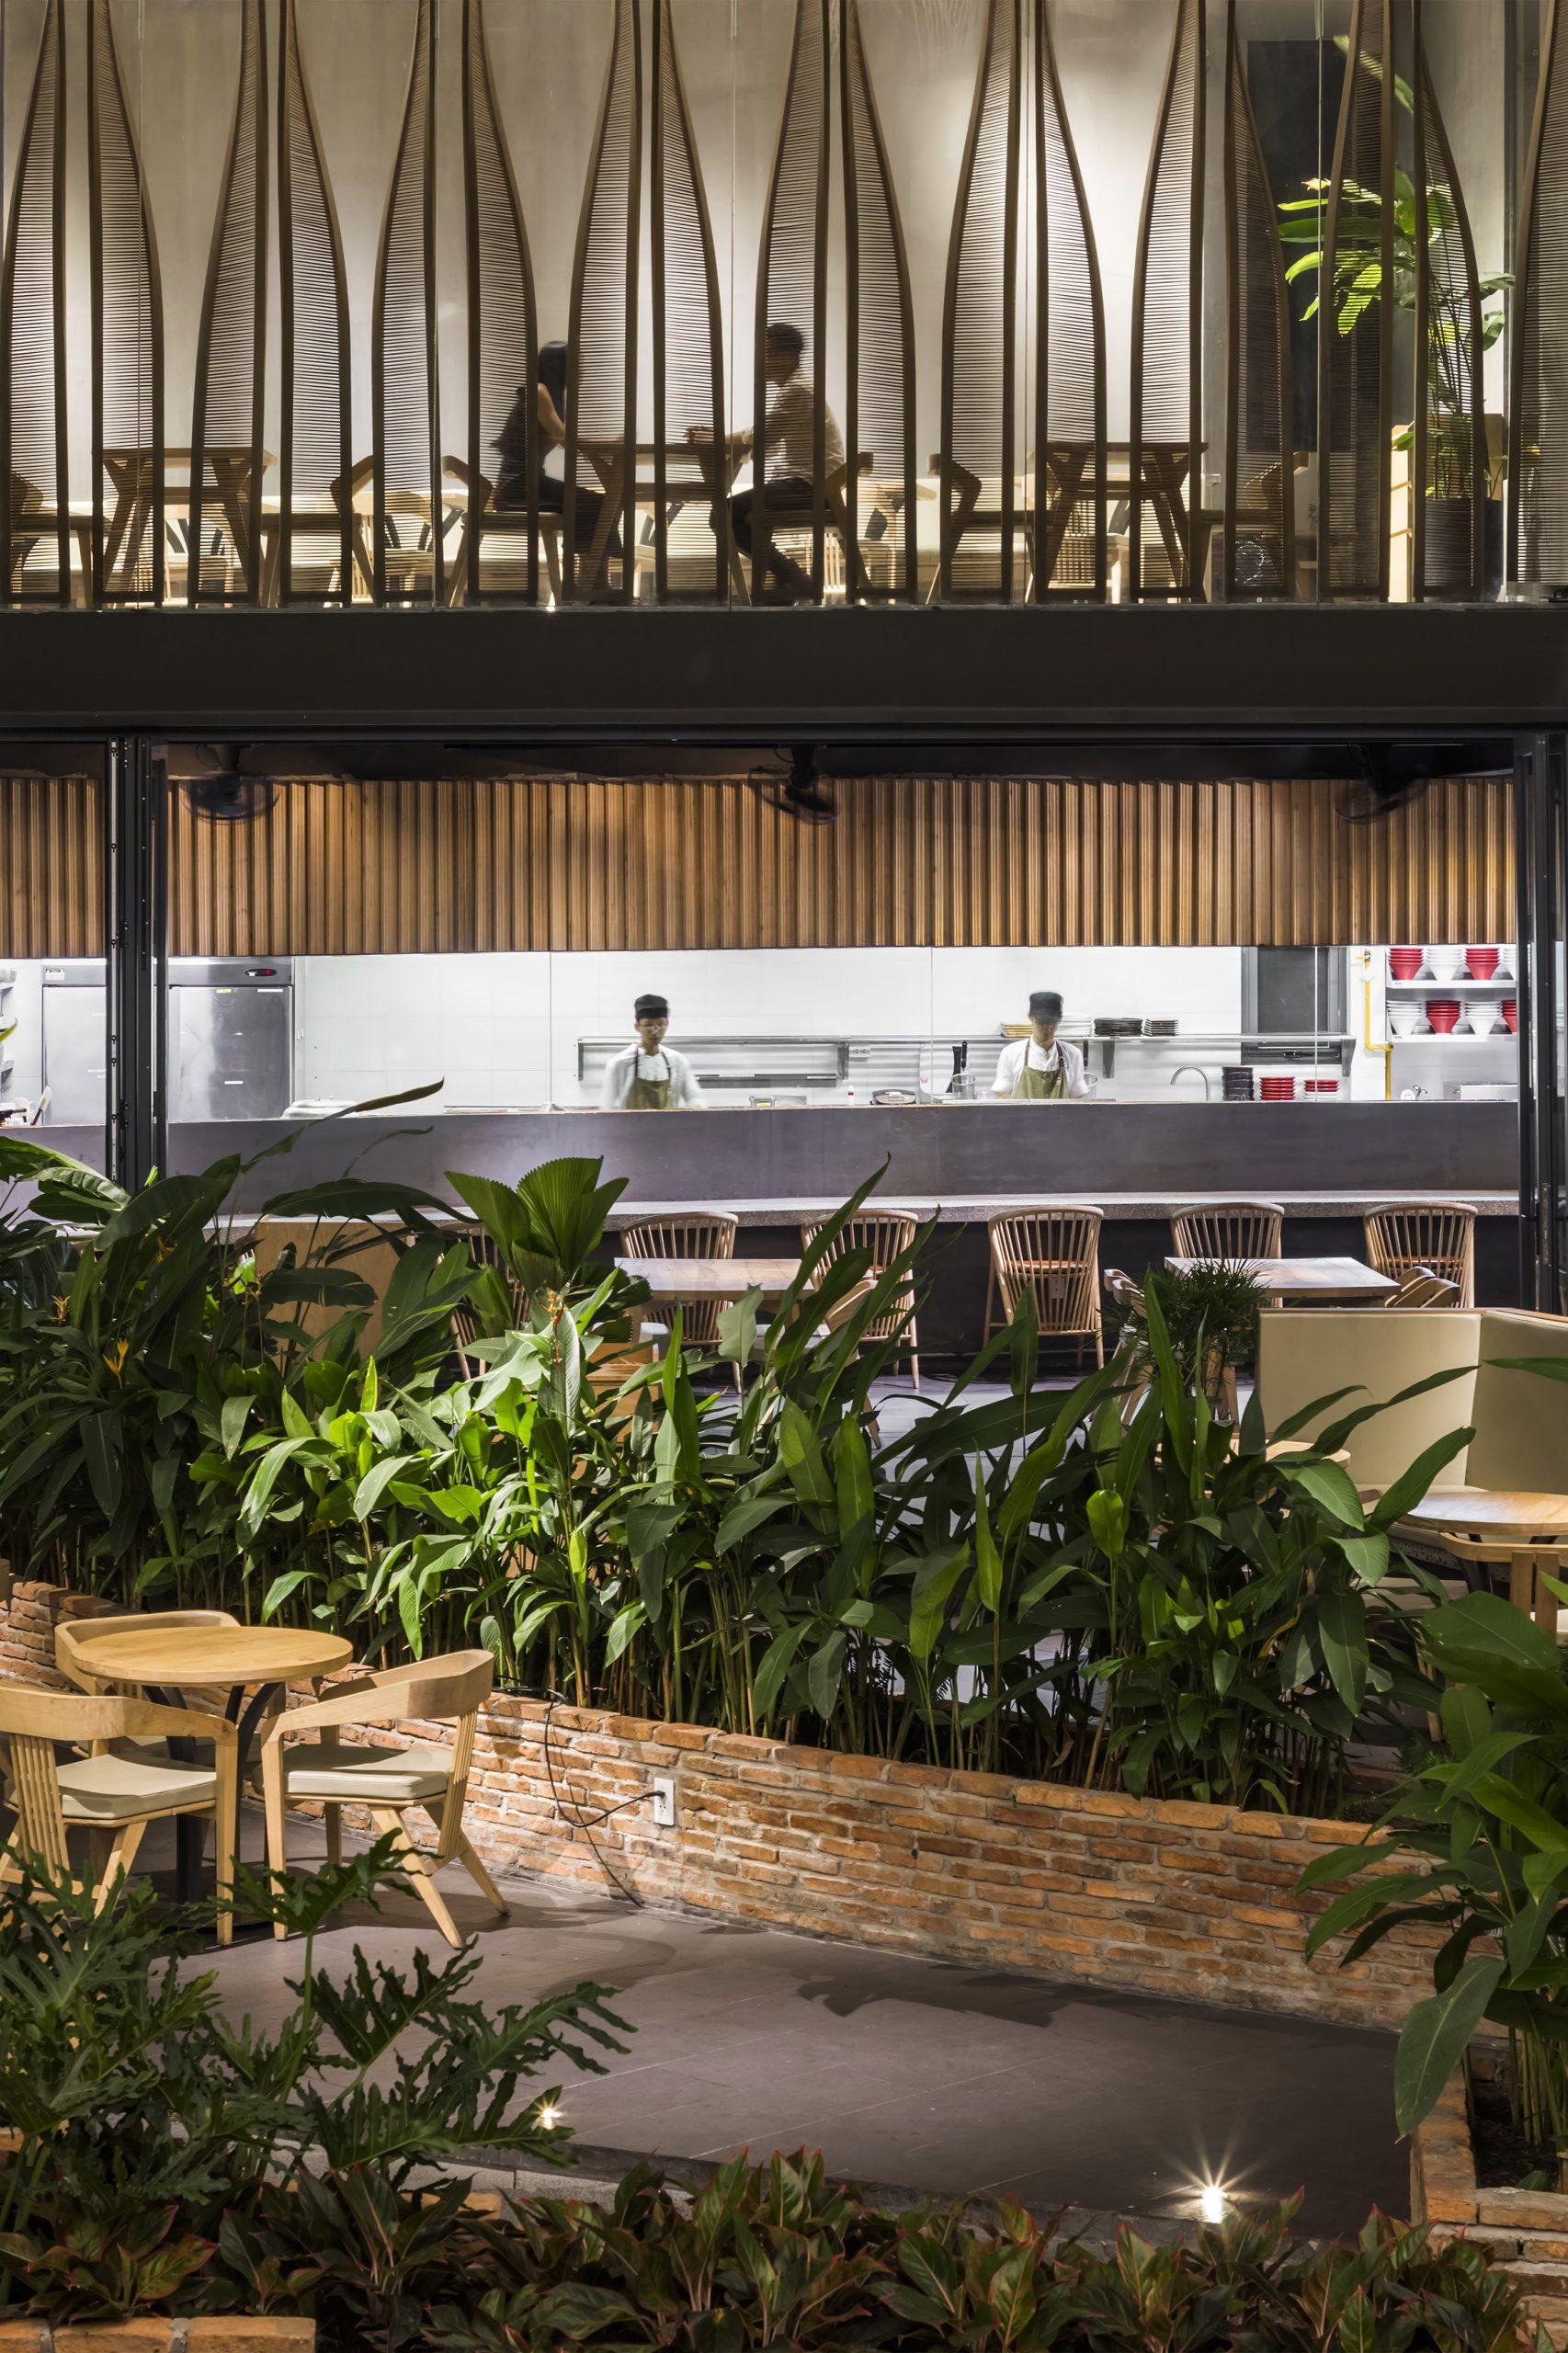 Nhà hàng Ippudo Việt Nam – không gian giao lưu giữa các lớp xanh và lớp lam bằng đũa gỗ